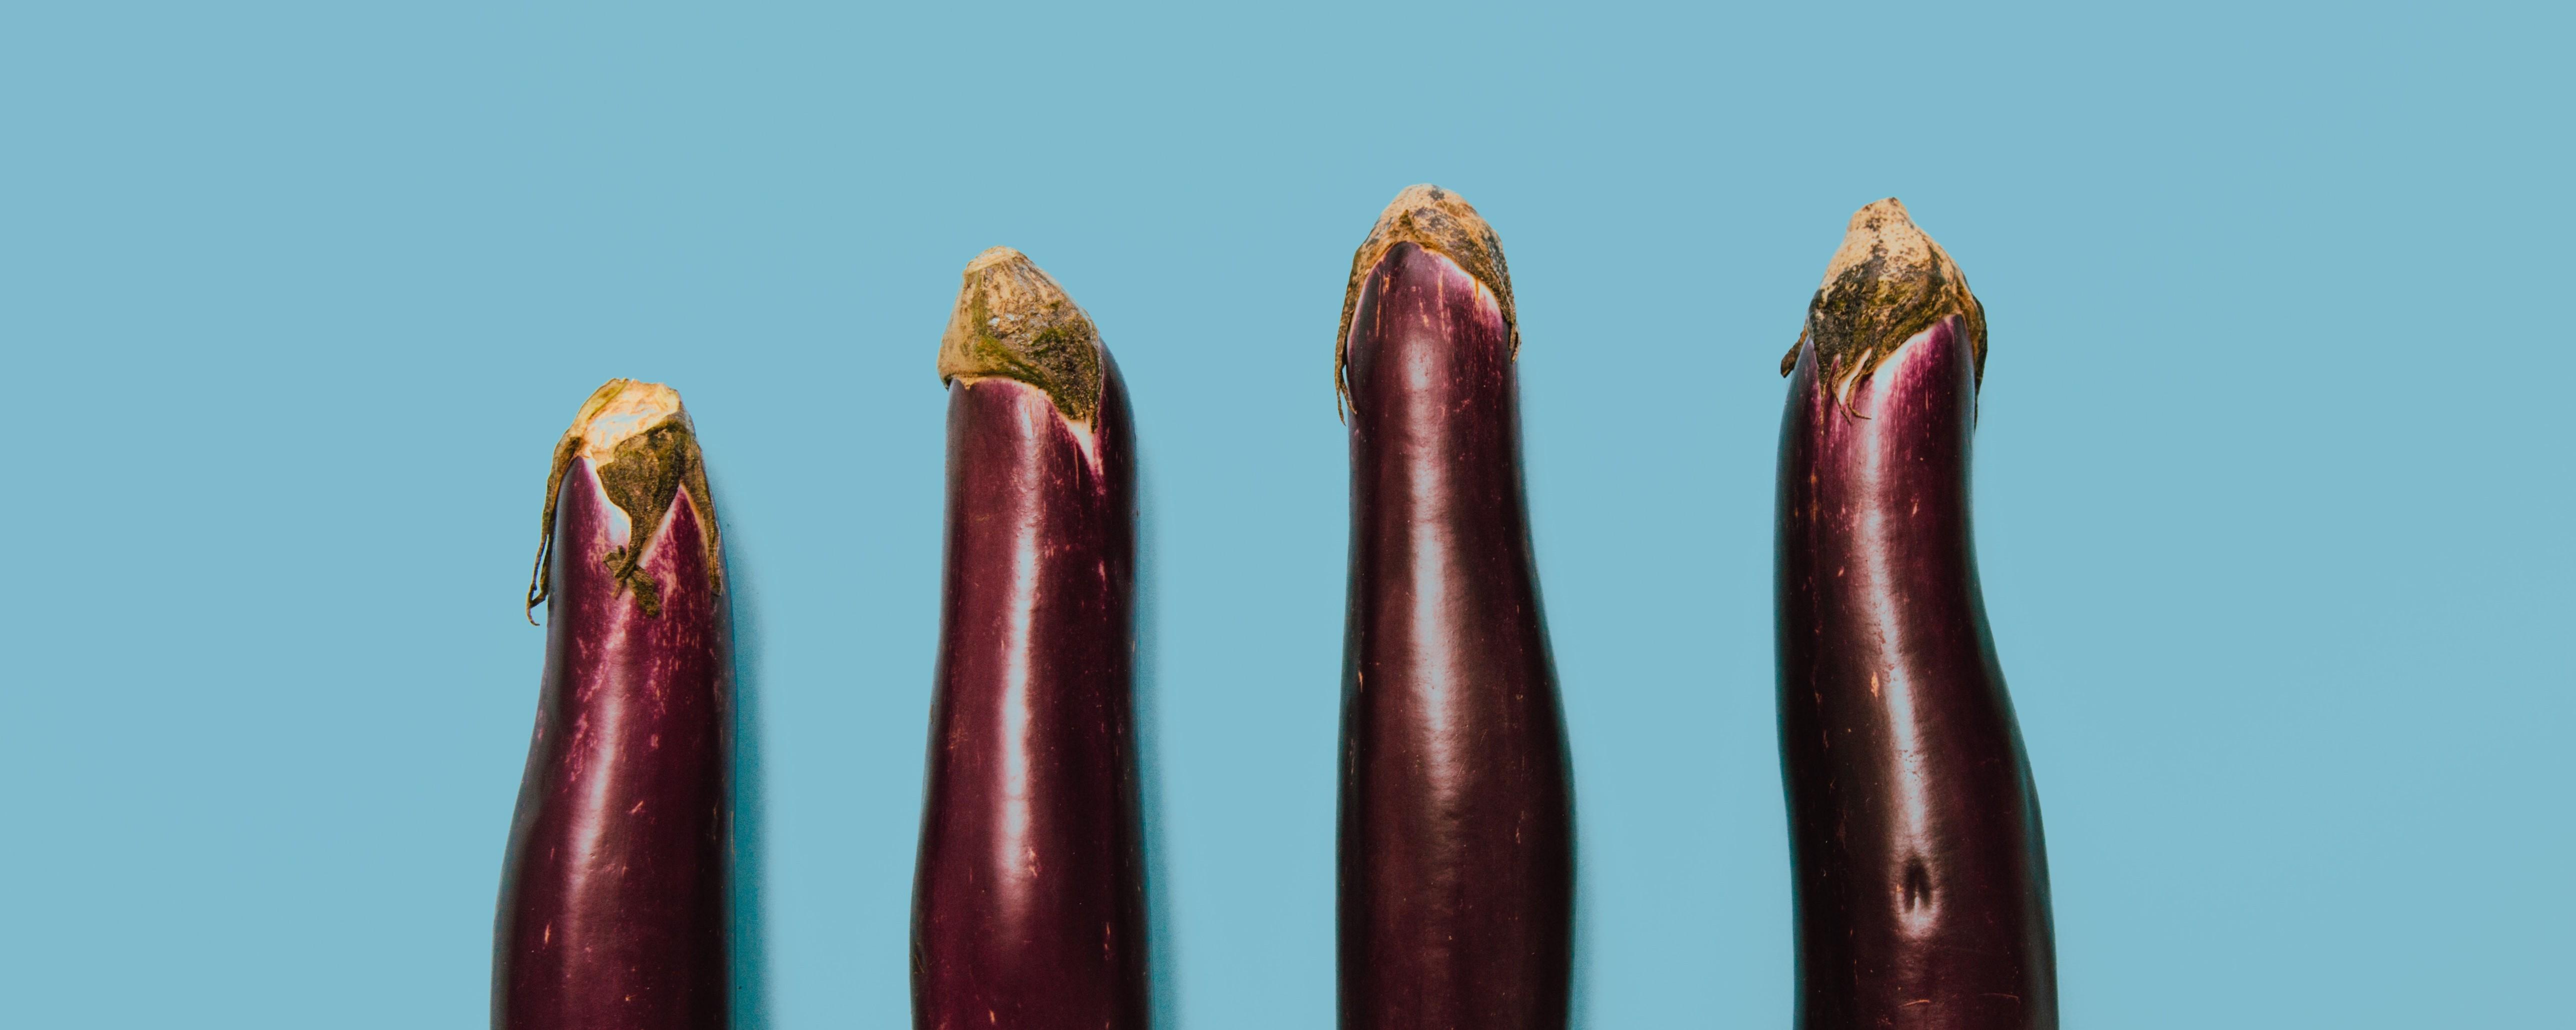 cel mai mare penis genital masculin penis cu creștere rapidă